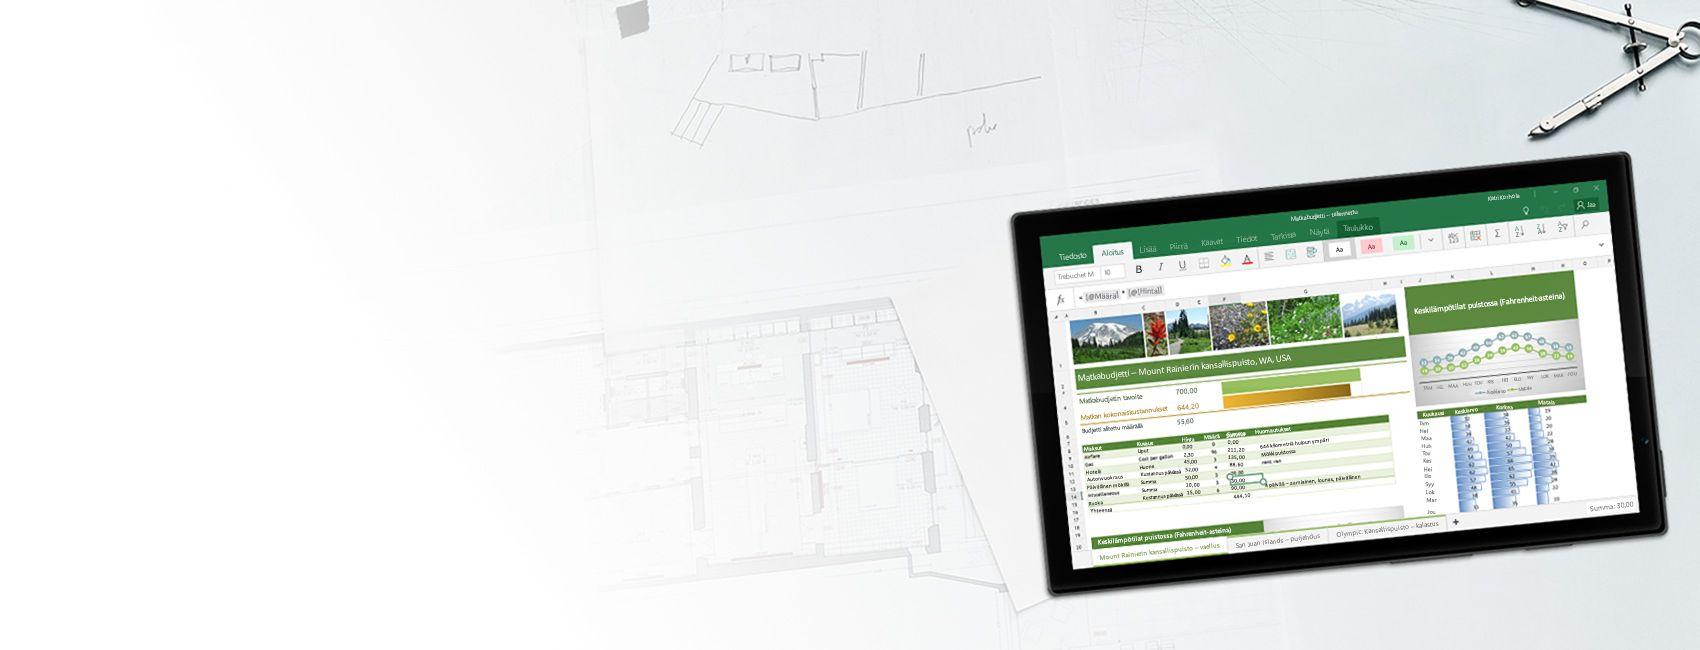 Windows-tabletti, jossa näkyy Excel-laskentataulukko ja siinä mallikaavio ja matkabudjettiraportti Excel Windows 10 Mobilessa